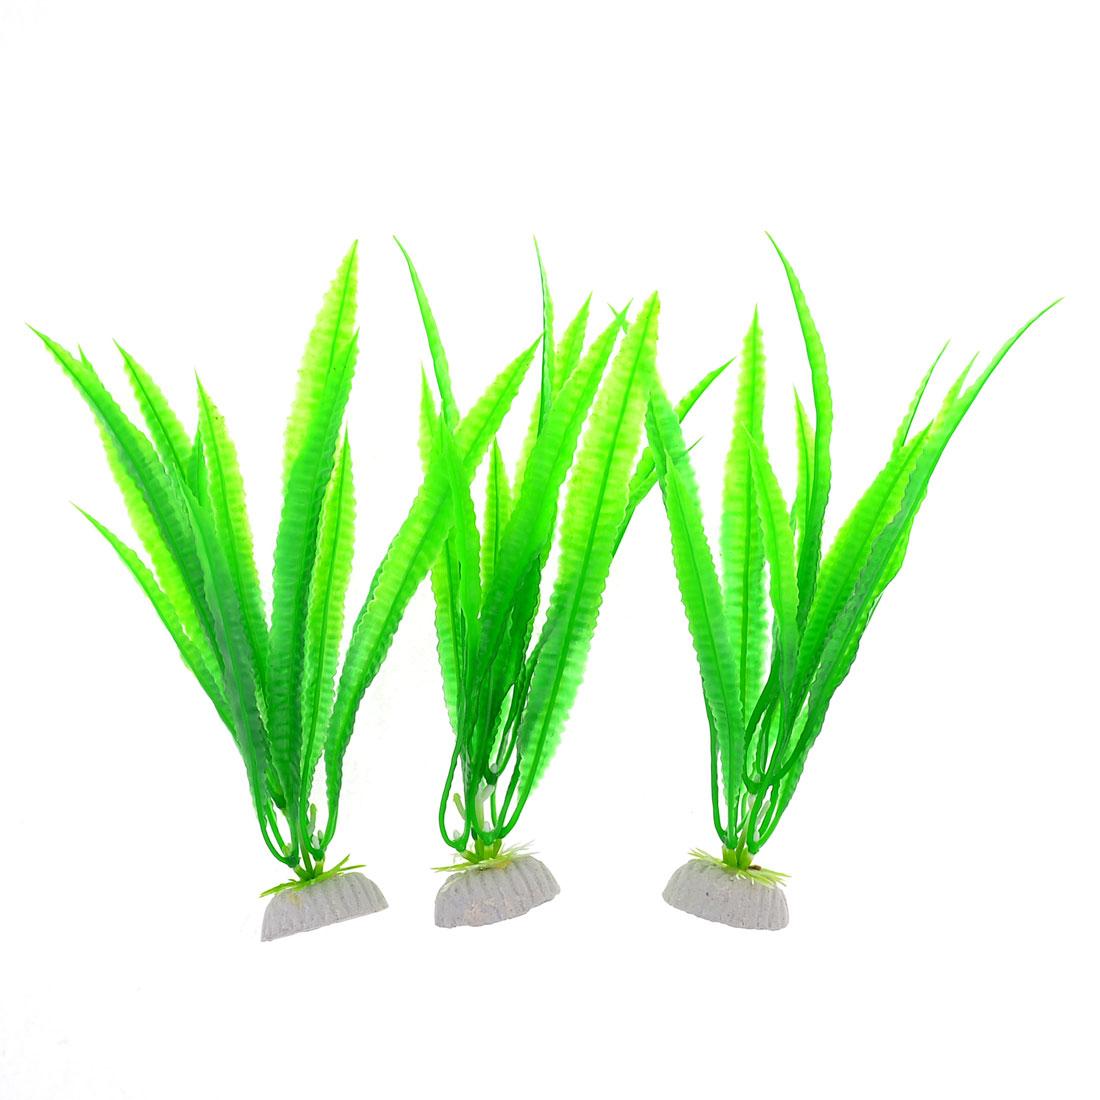 3-Pcs-9-3-Height-Aquarium-Fish-Tank-Green-Plastic-Water-Plants